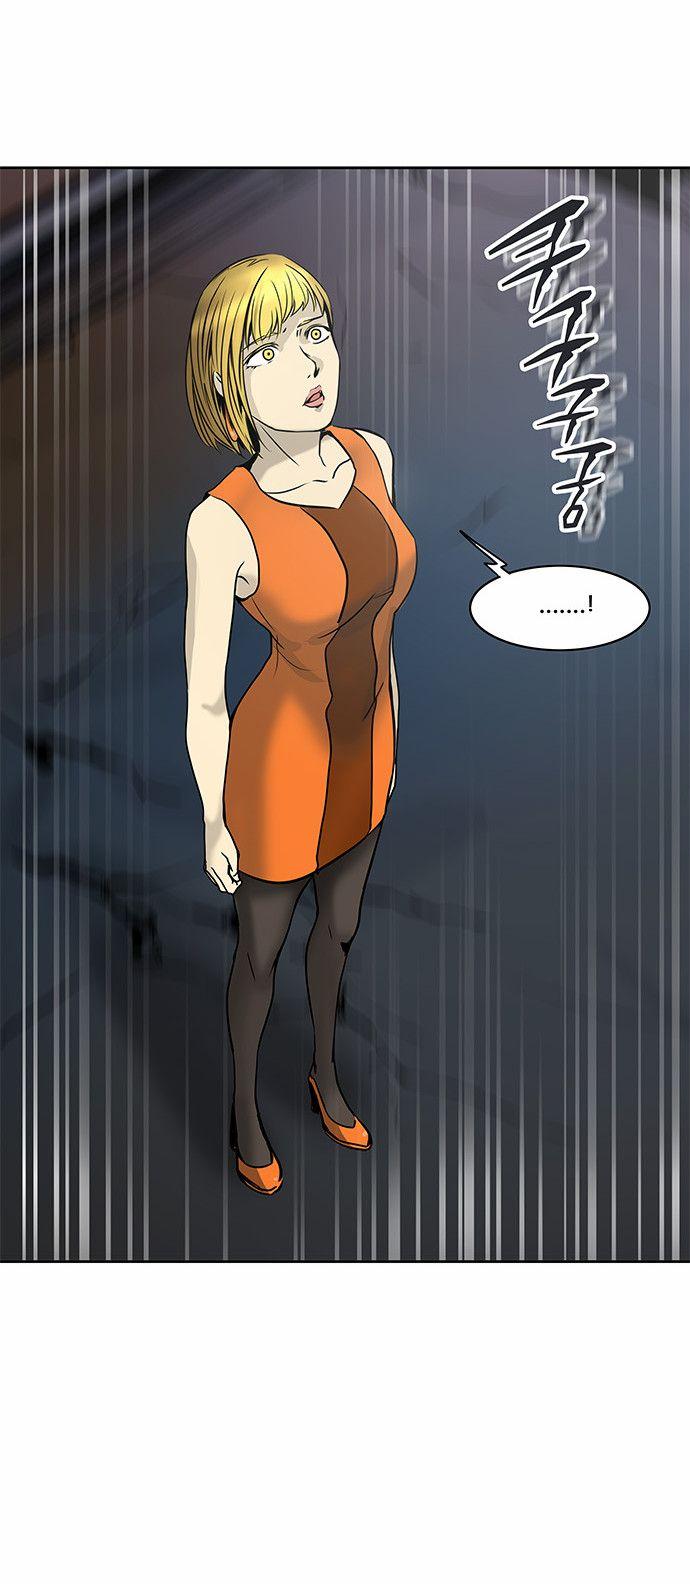 http://c5.ninemanga.com/es_manga/pic2/21/149/512547/f900c61208841a8347dd4ddbea47b173.jpg Page 6